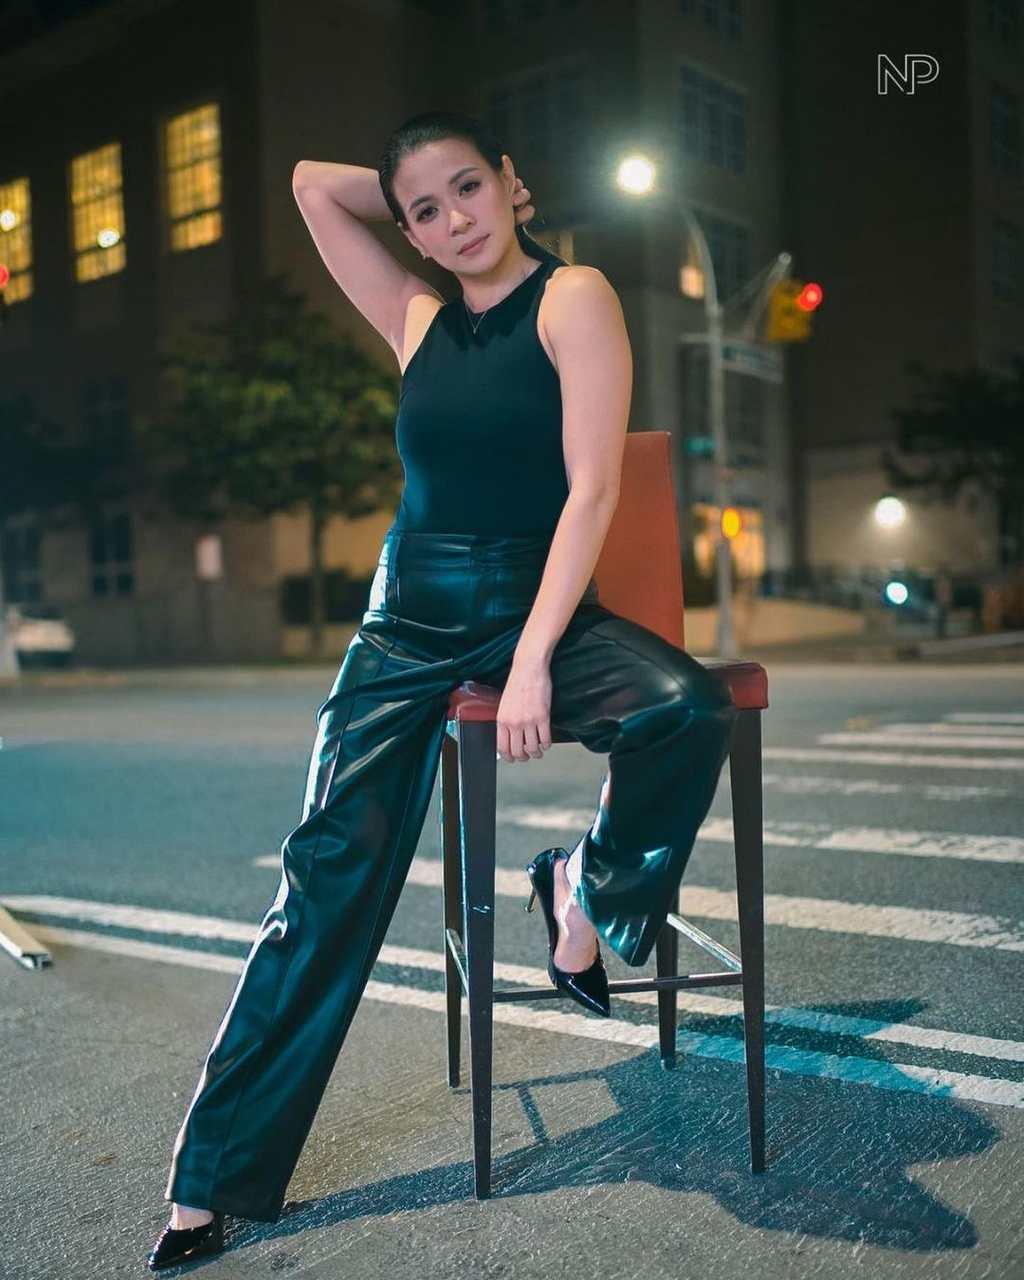 LJ Reyes attends NYFW 2021